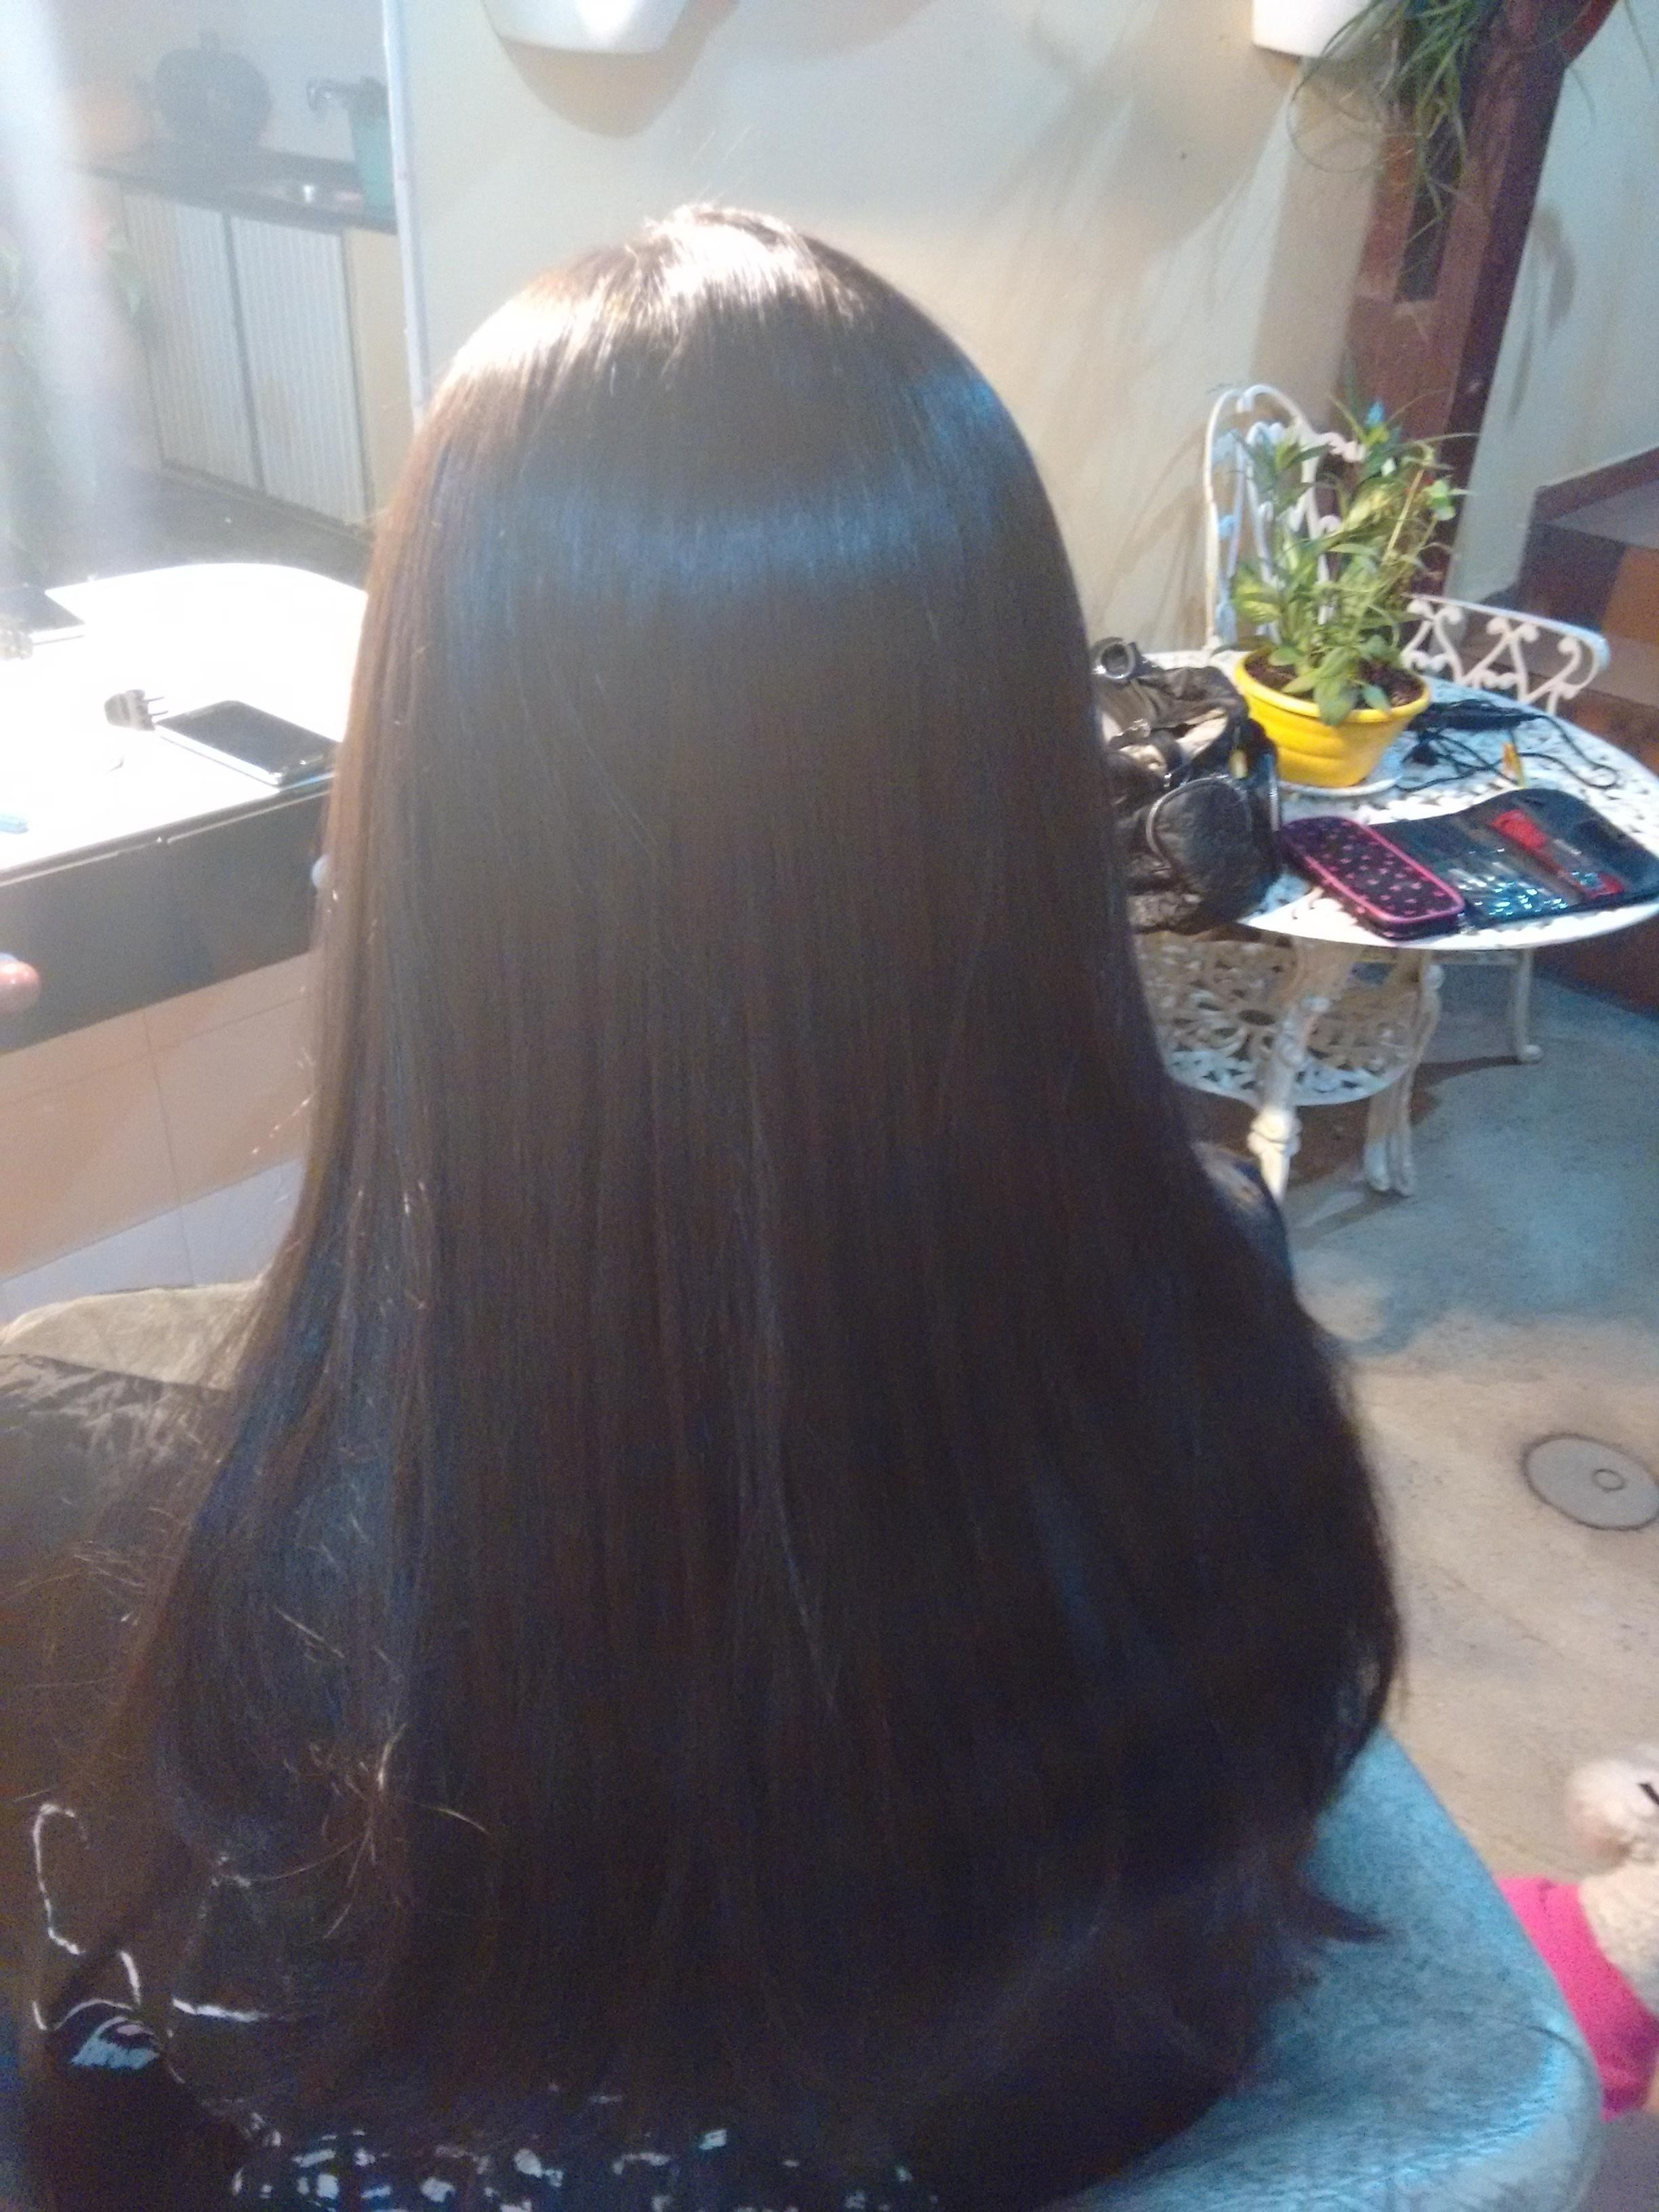 Progressiva cabelo longo afro Lavamos com shampoo limpeza profunda ate abrir as cutículas do cabelo, secar 100% do cabelo, separar o cabelo e passar o produto mecha mecha desde a raiz as pontas, depois espero uns 15 à 20 minutos e comece a secar o cabelo escovando para ficar na forma lisa. Depois dele todo seco passar a prancha (chapinha) mecha a mecha. Pranchar cada mecha mais ou menos umas 20 vezes para um bom resultado. Se a cliente preferir lave o cabelo depois de uns minutos e passe o neutralizante. Se não deixe ir e lave em casa.  cabeleireiro(a)